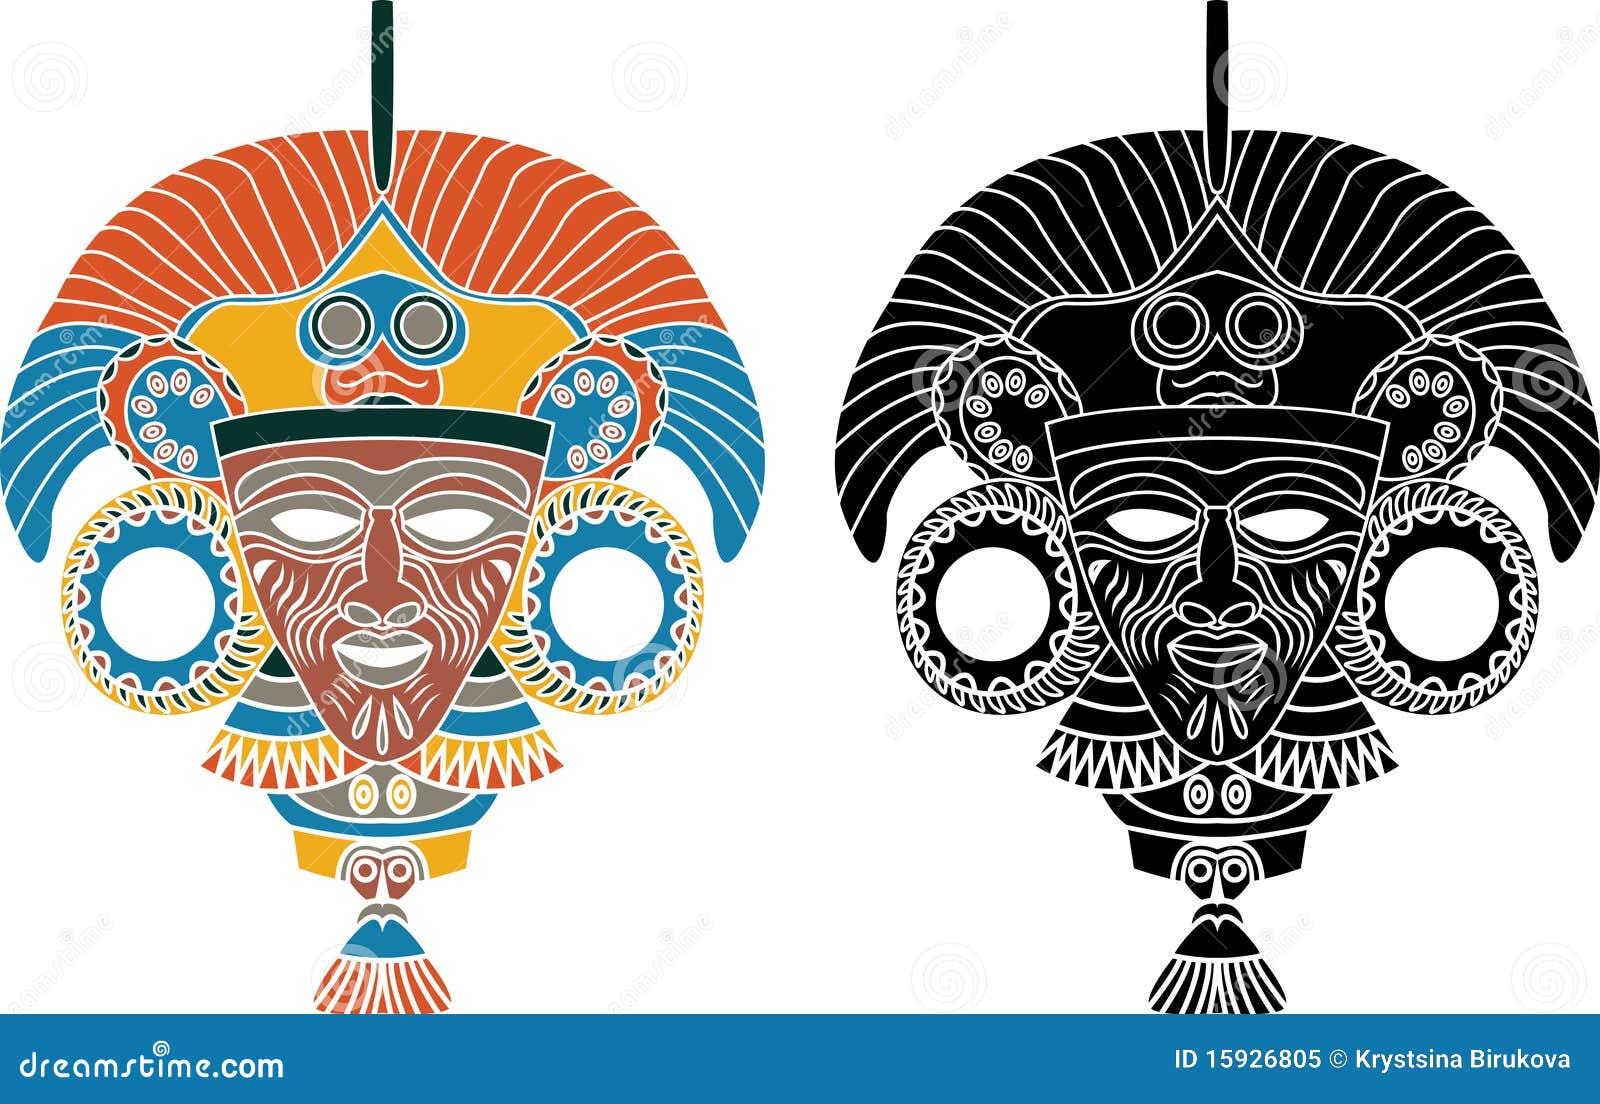 Pochoir azt que de masque illustration de vecteur illustration du histoire 15926805 - Dessin azteque ...